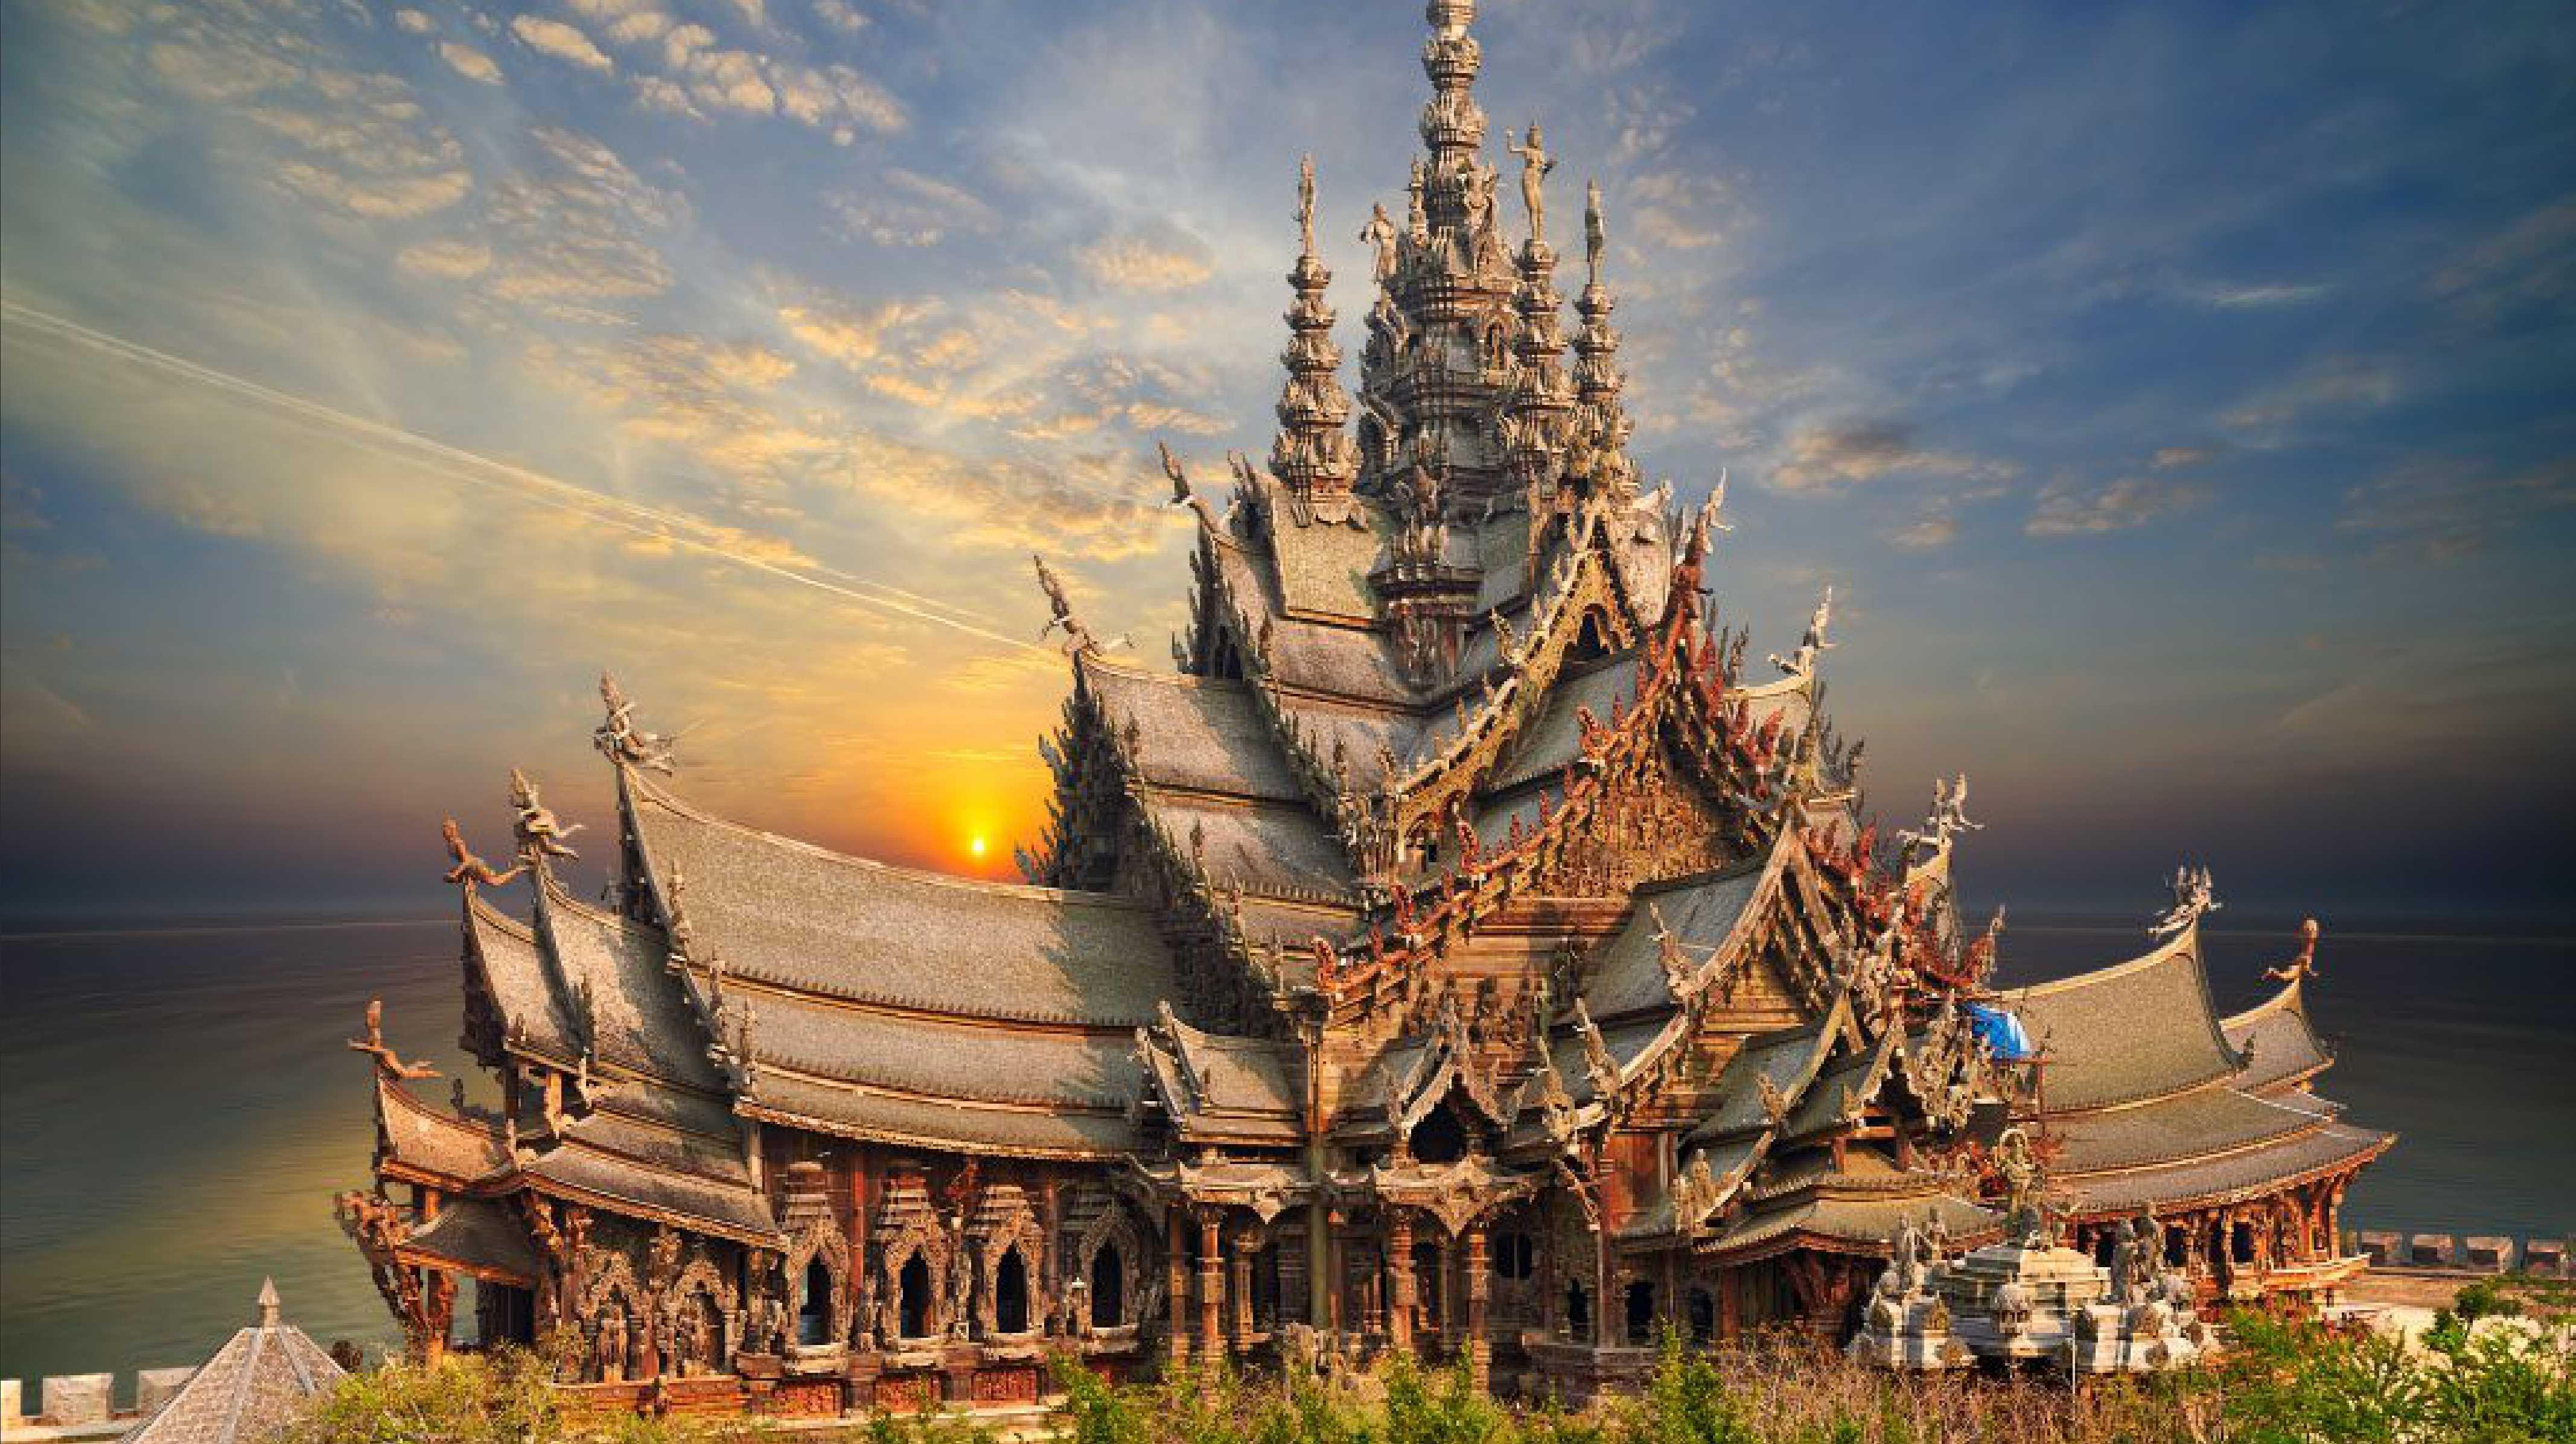 11Reaching Pattaya from Suvarnabhumi Airport